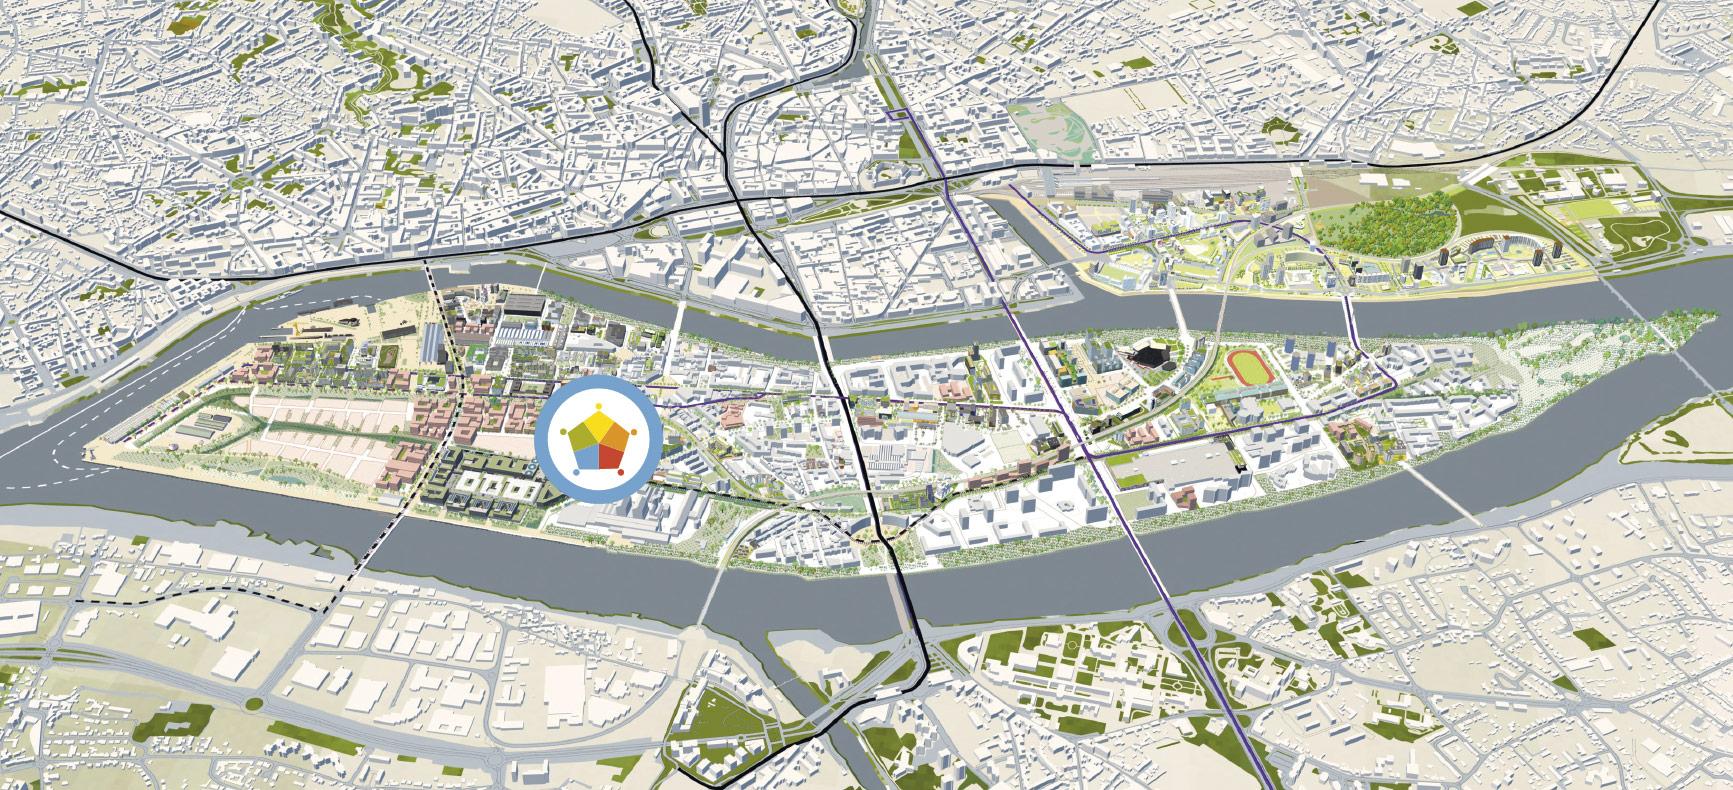 Île de Nantes à l'horizon 2026